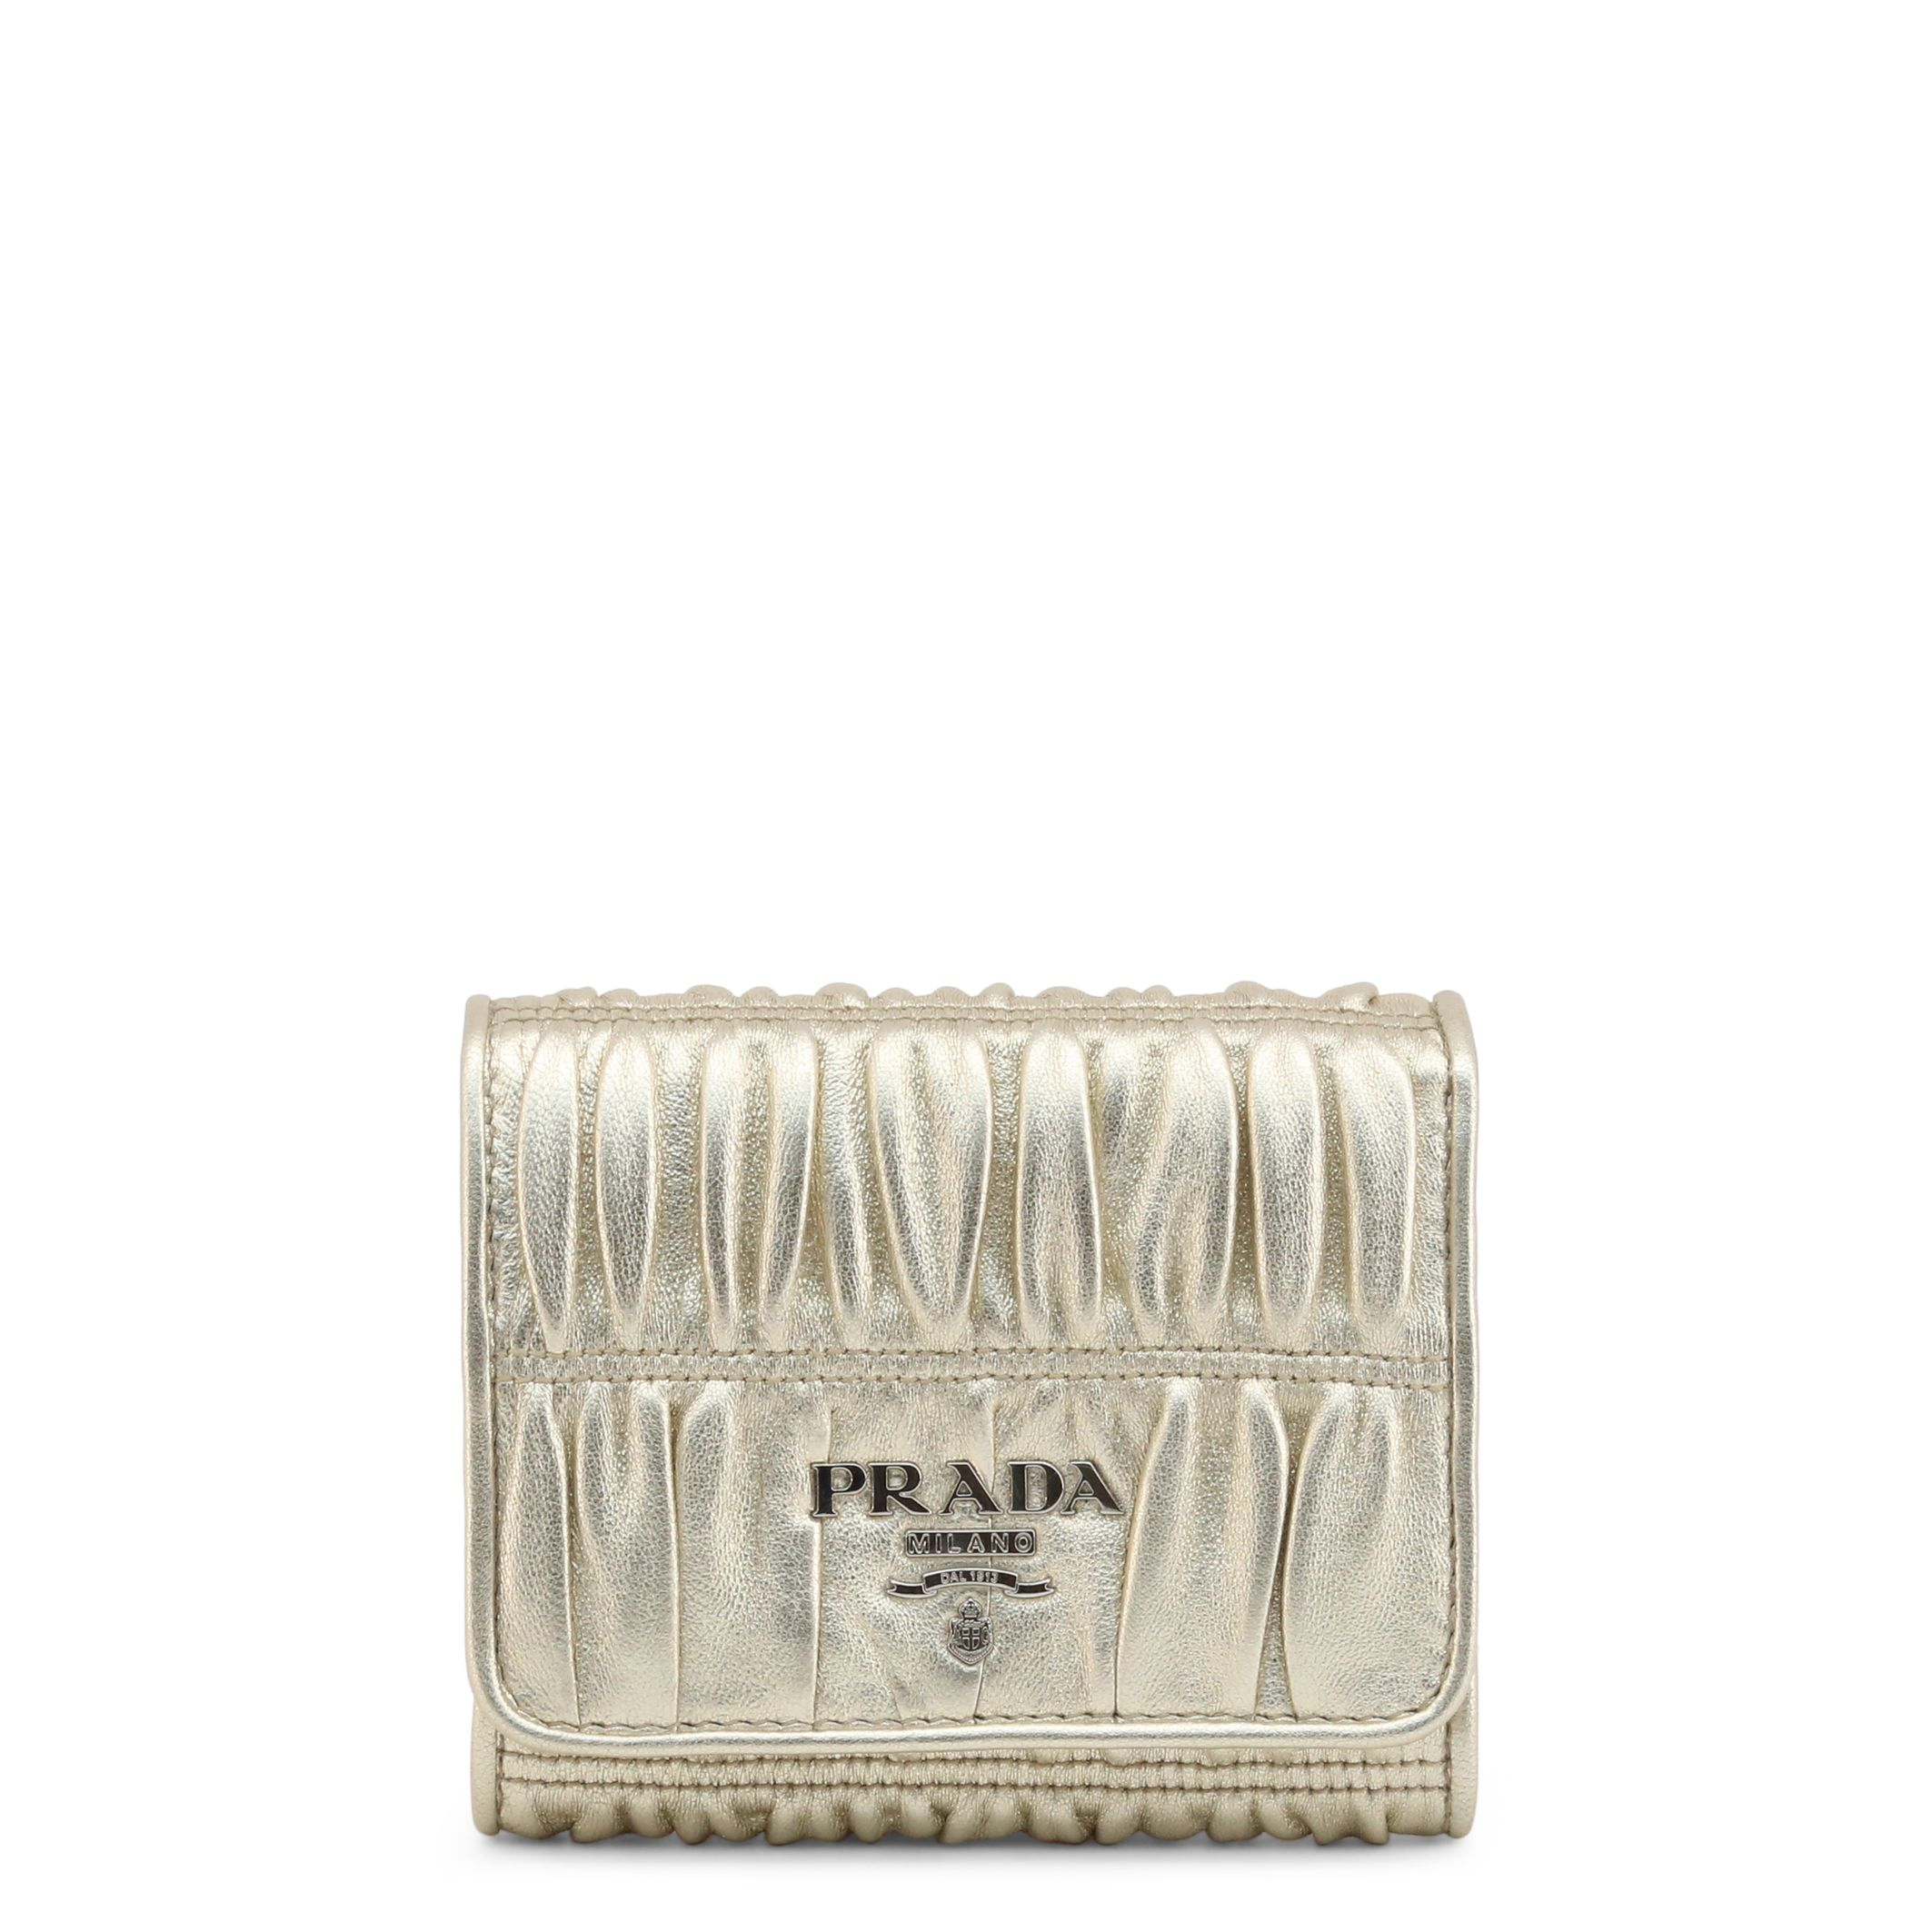 Prada    You Fashion Outlet